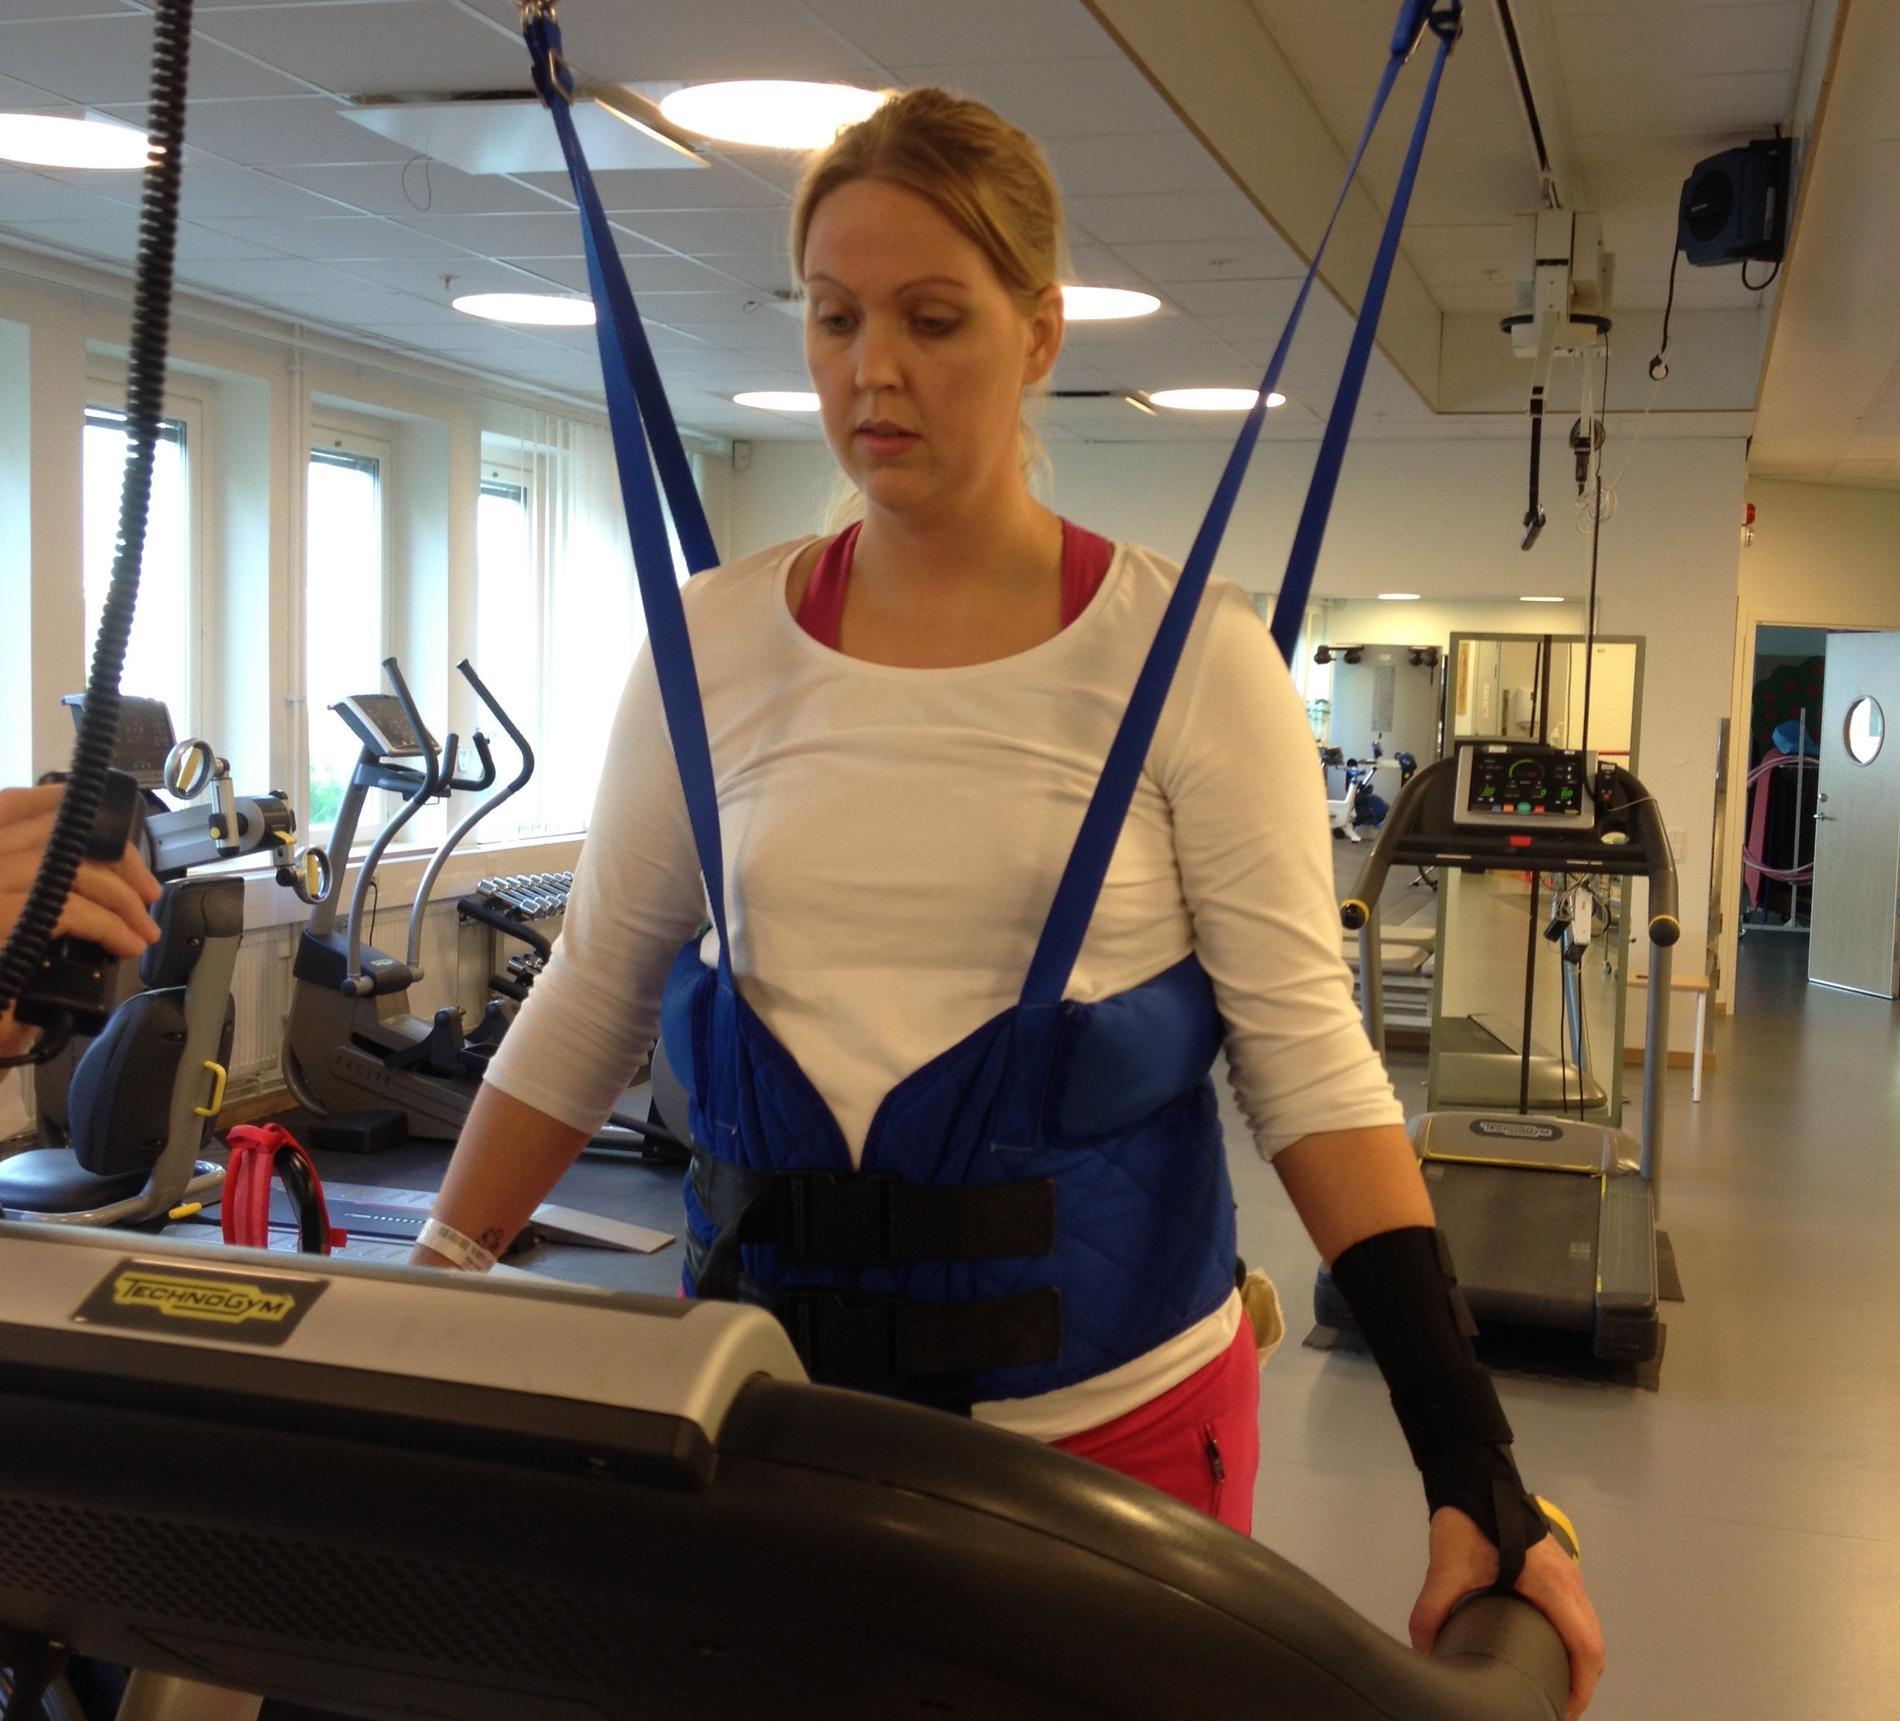 Maja fick hjärnblödning när hon var i vecka 28, något som förändrade hennes liv. Här tränar hon upp sin rörelse igen, tre-fyra veckor efter stroken.